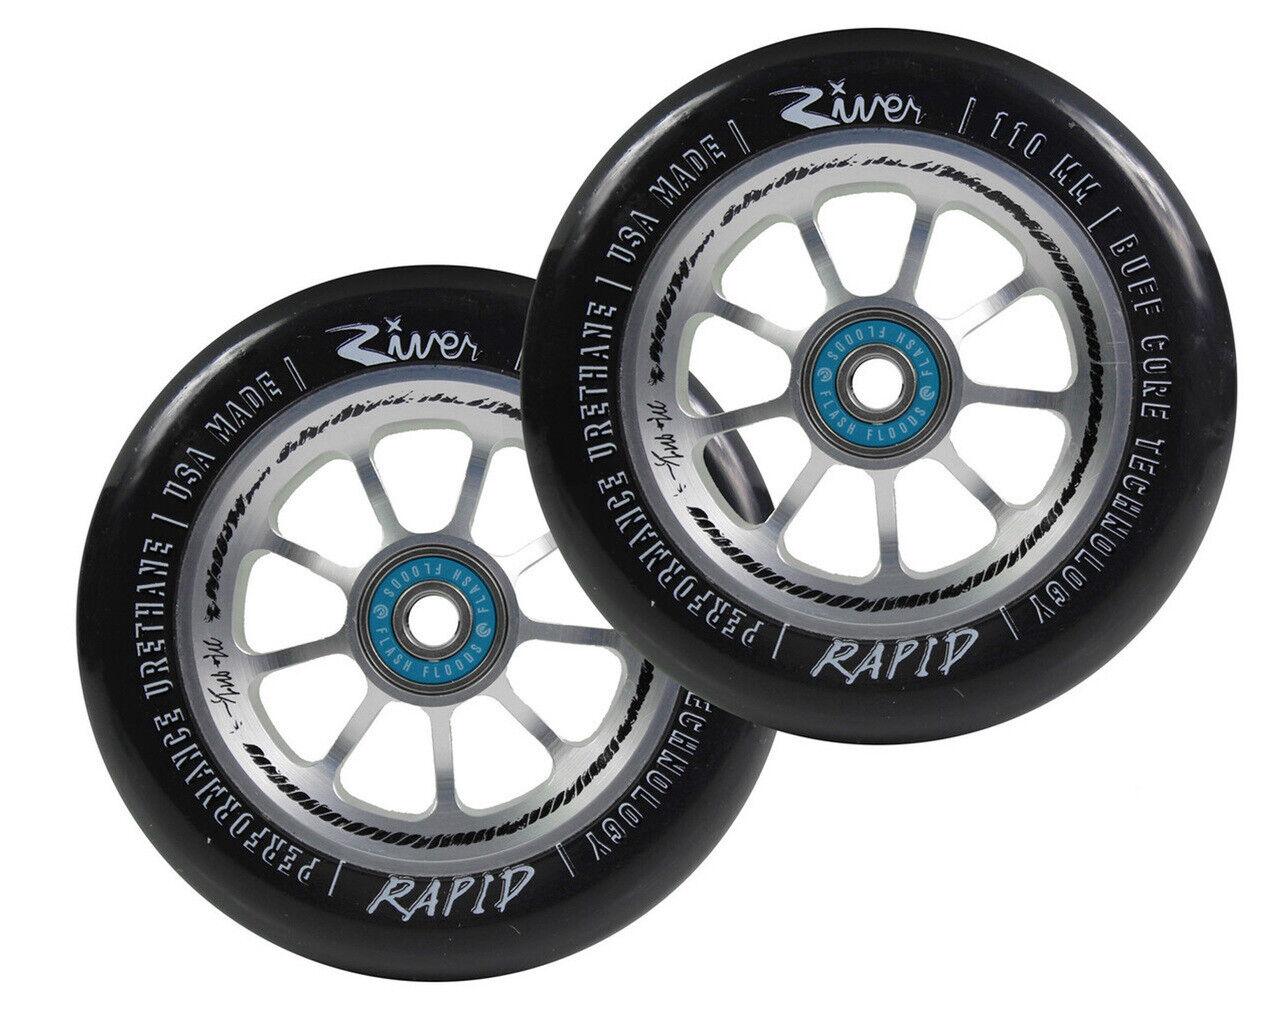 New River Wheels 110mm Negro  Mate Coches rápido Platascooter estilo libre  Envíos y devoluciones gratis.